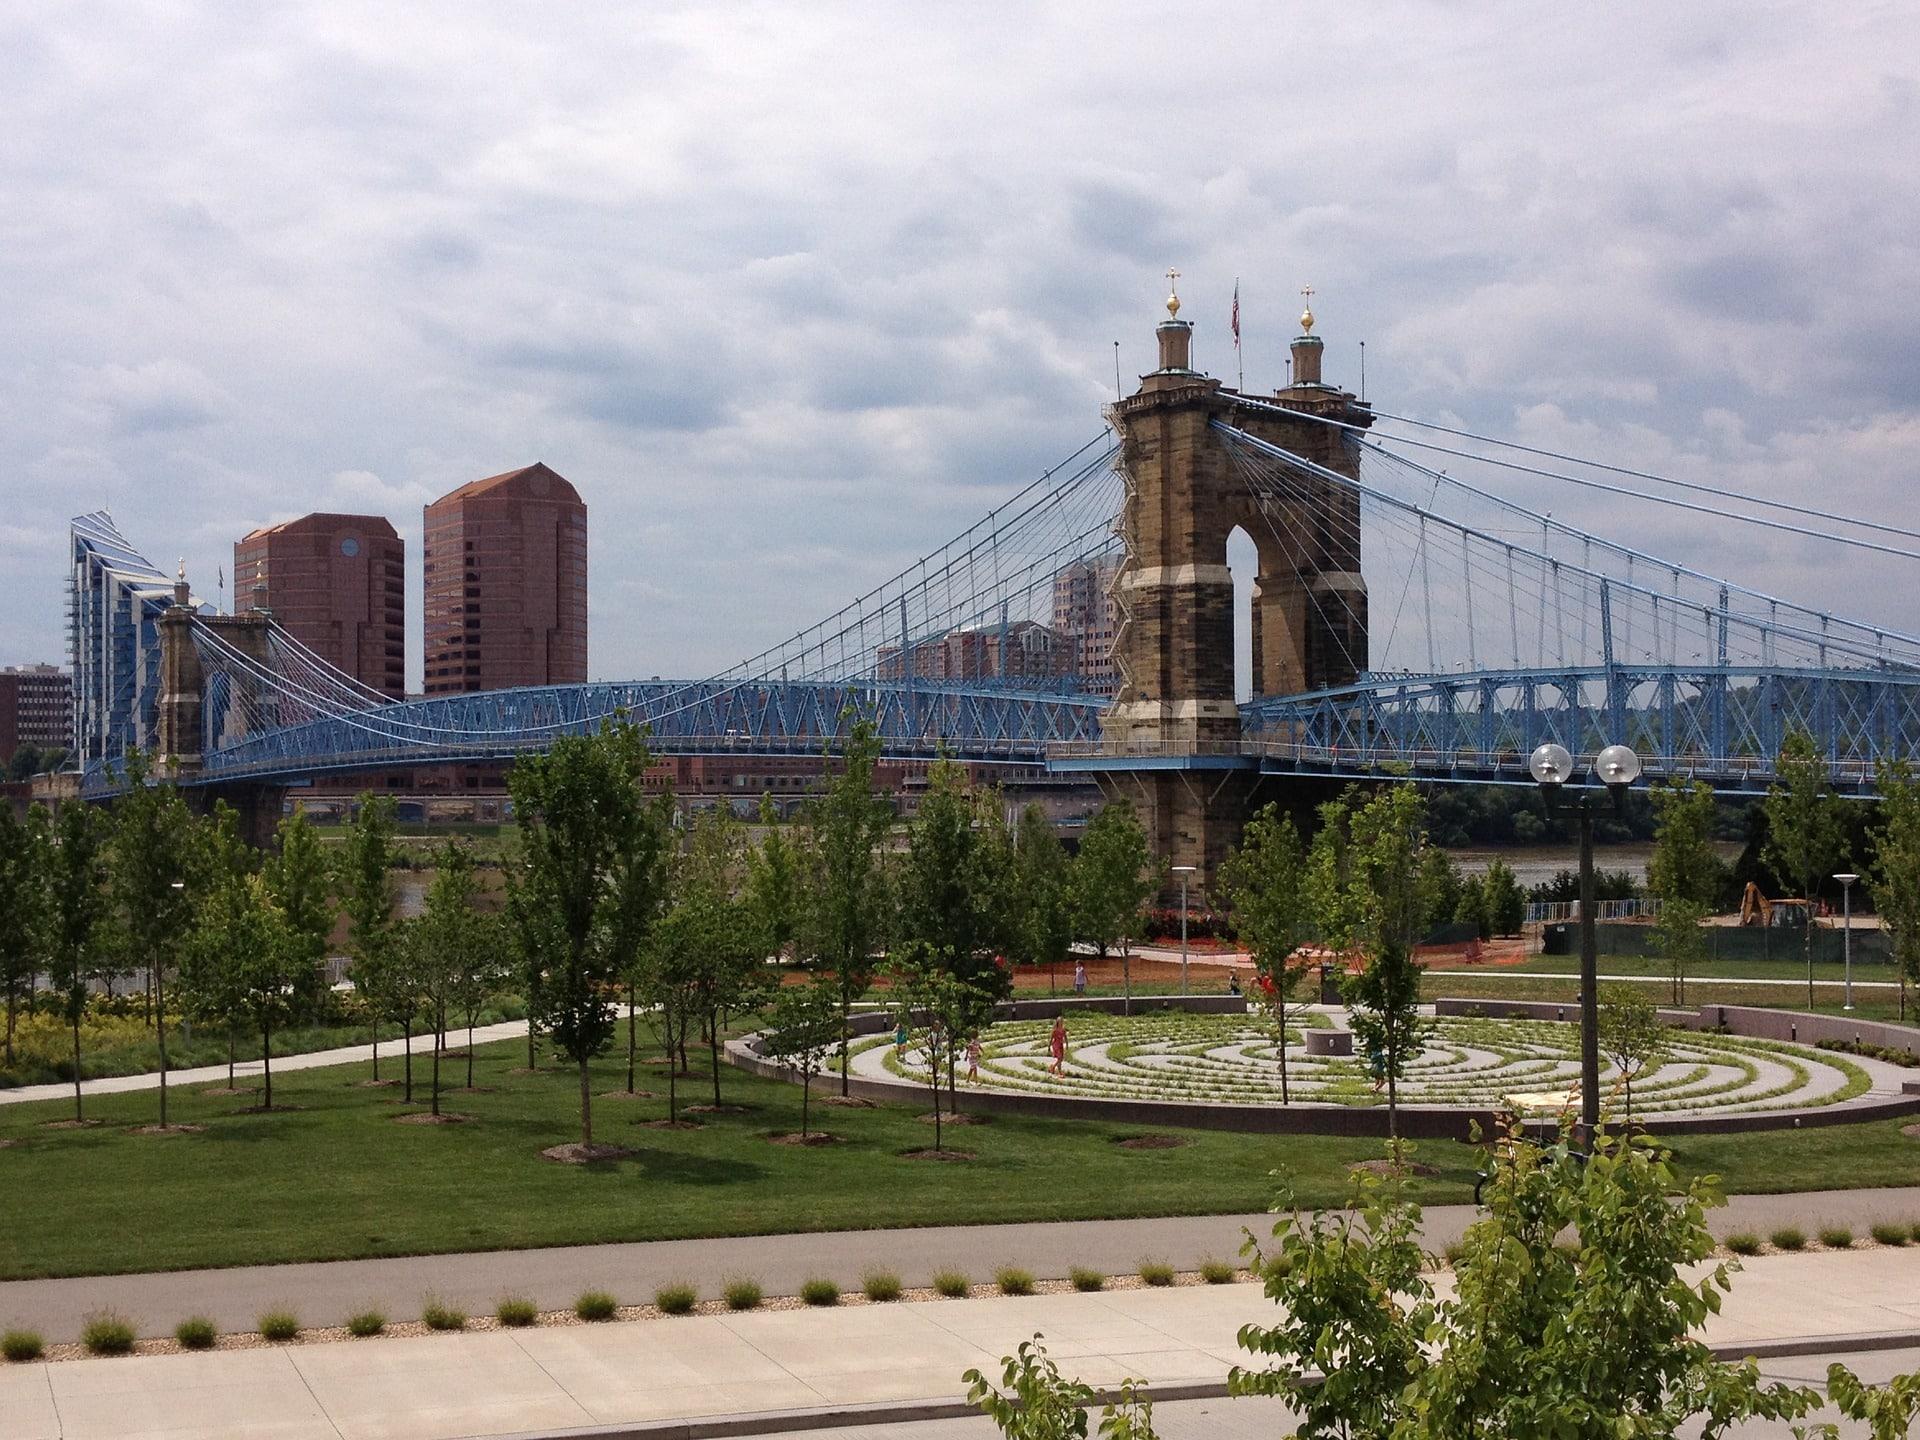 Blue suspension bridge spanning park